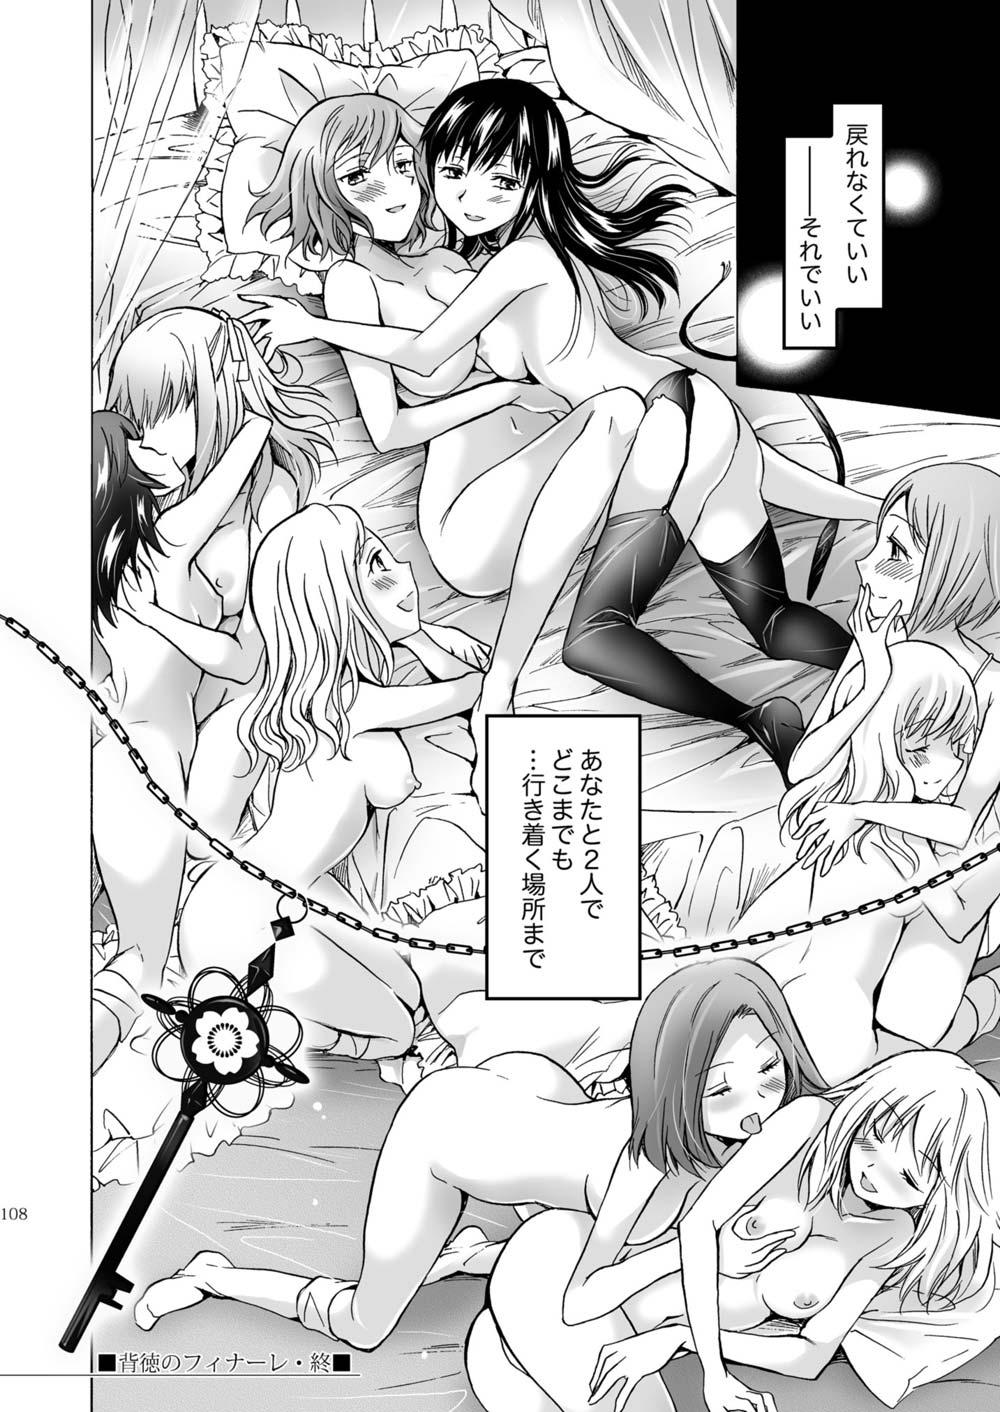 【エロ漫画・エロ同人誌】大好きな先輩が手に入らないからSに目覚めたちっぱい女子校生www (107)